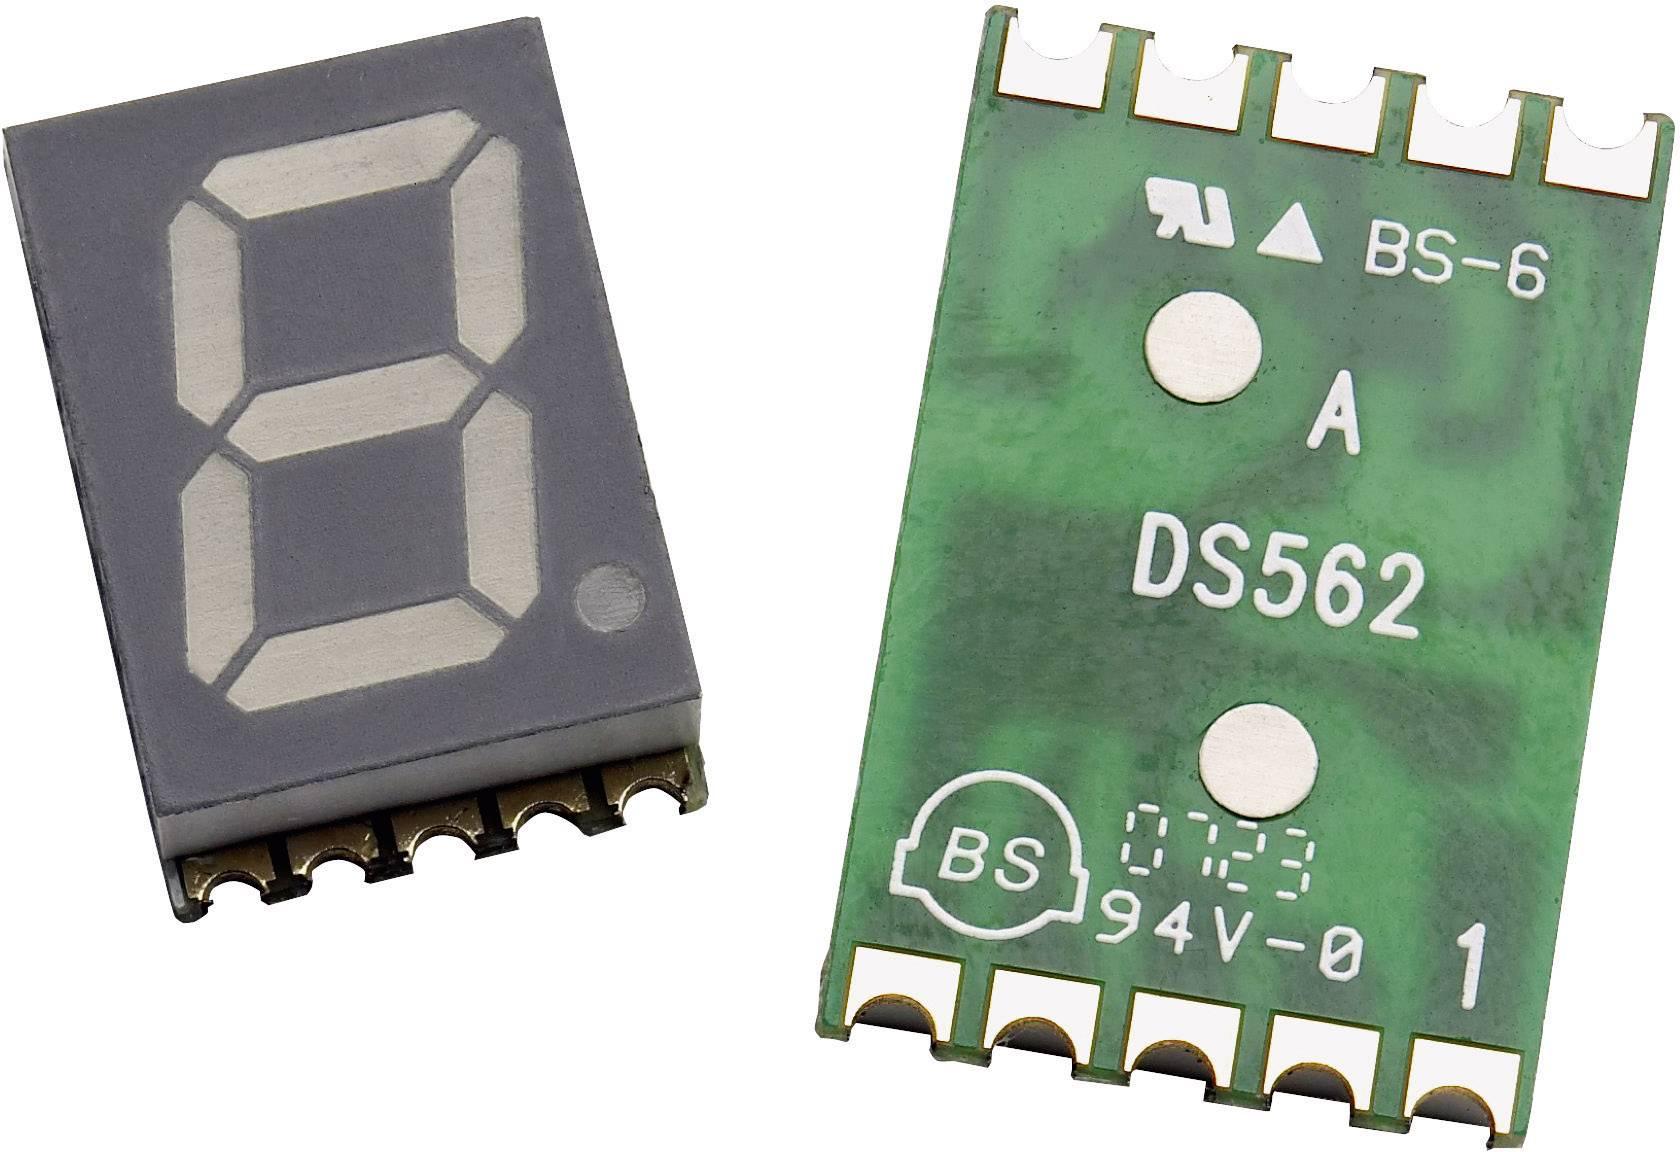 7-segmentový displej Broadcom HDSM-531C, číslic 1, 14.22 mm, 2 V, červená